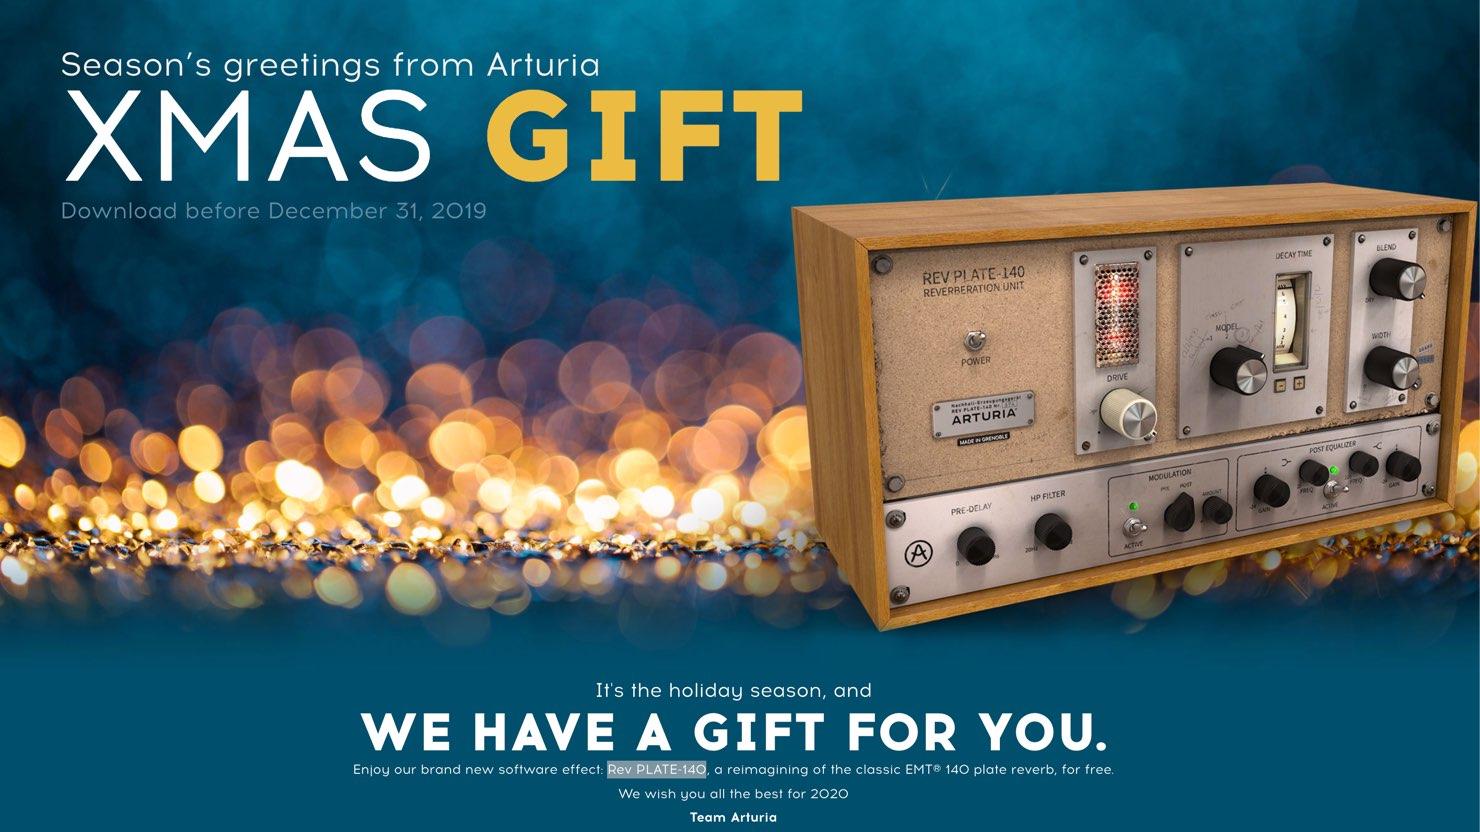 【無料】Arturiaからのクリスマスプレゼント!  ビンテージリバーブの名機をシミュレートした「Rev PLATE-140」